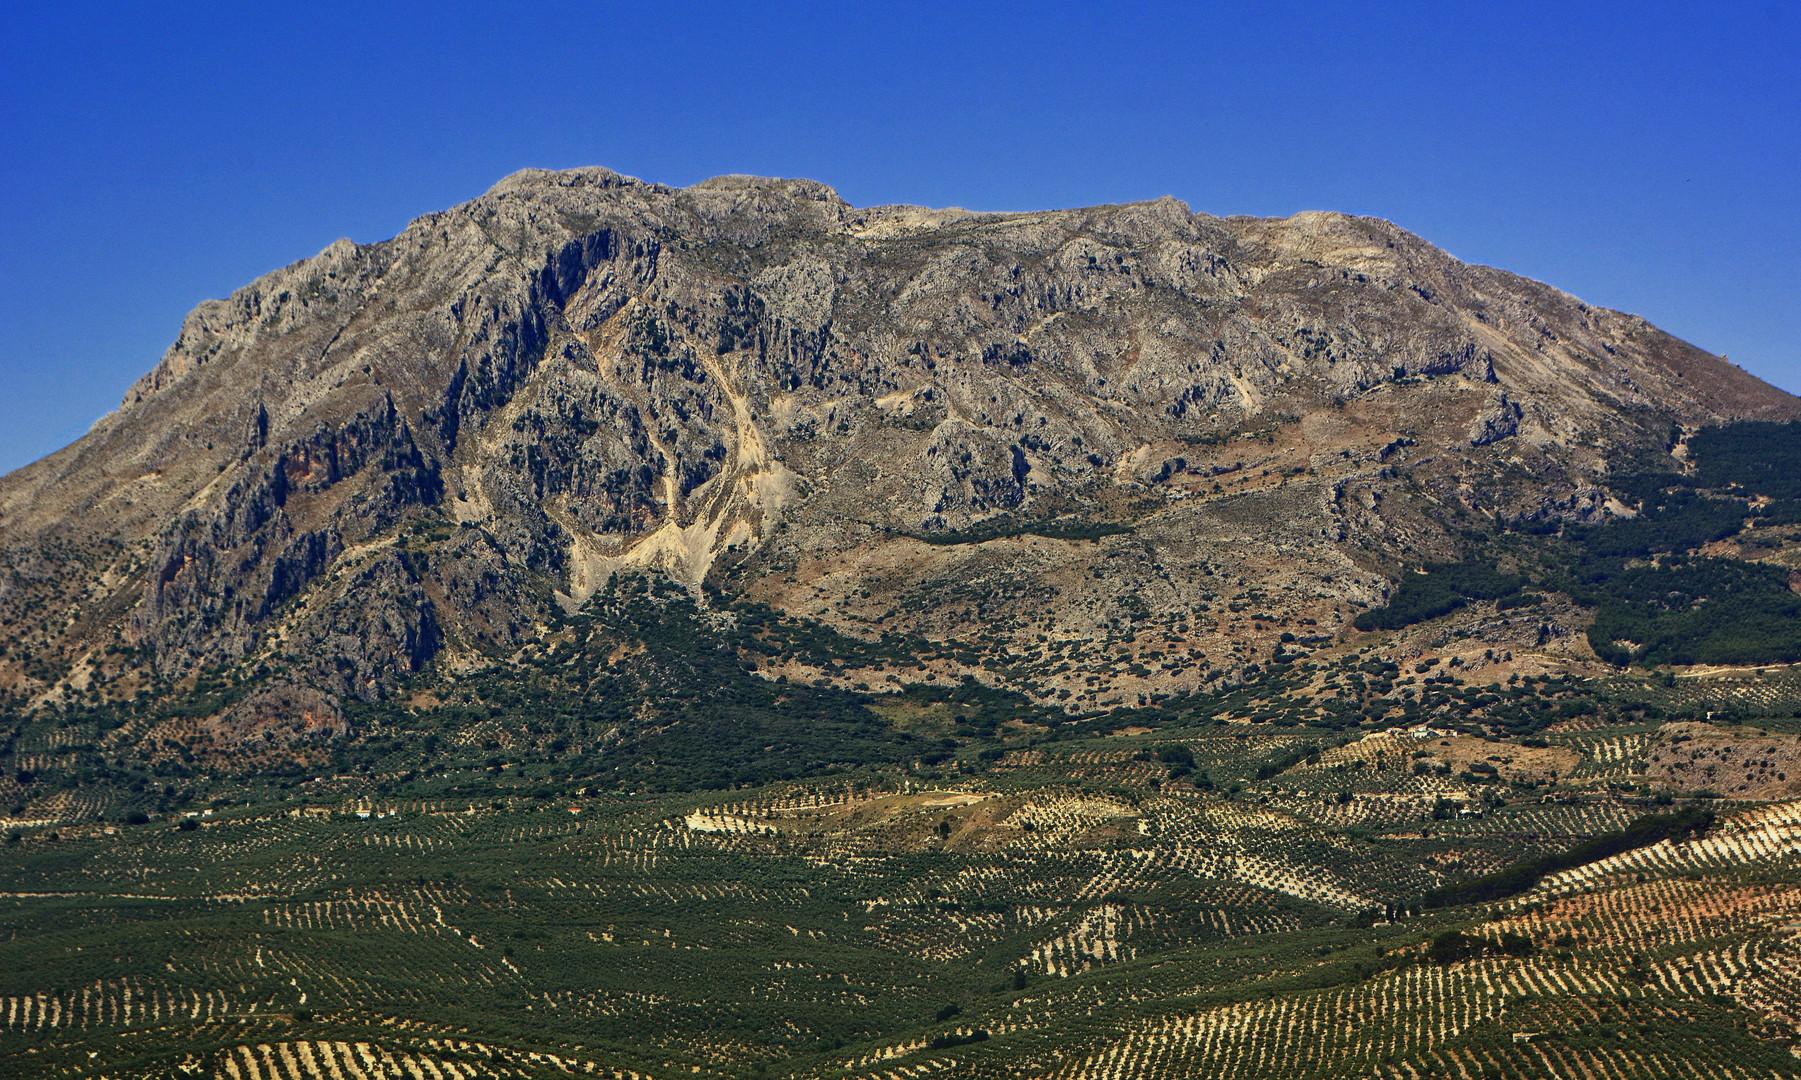 Olivos en Sierra Mágina